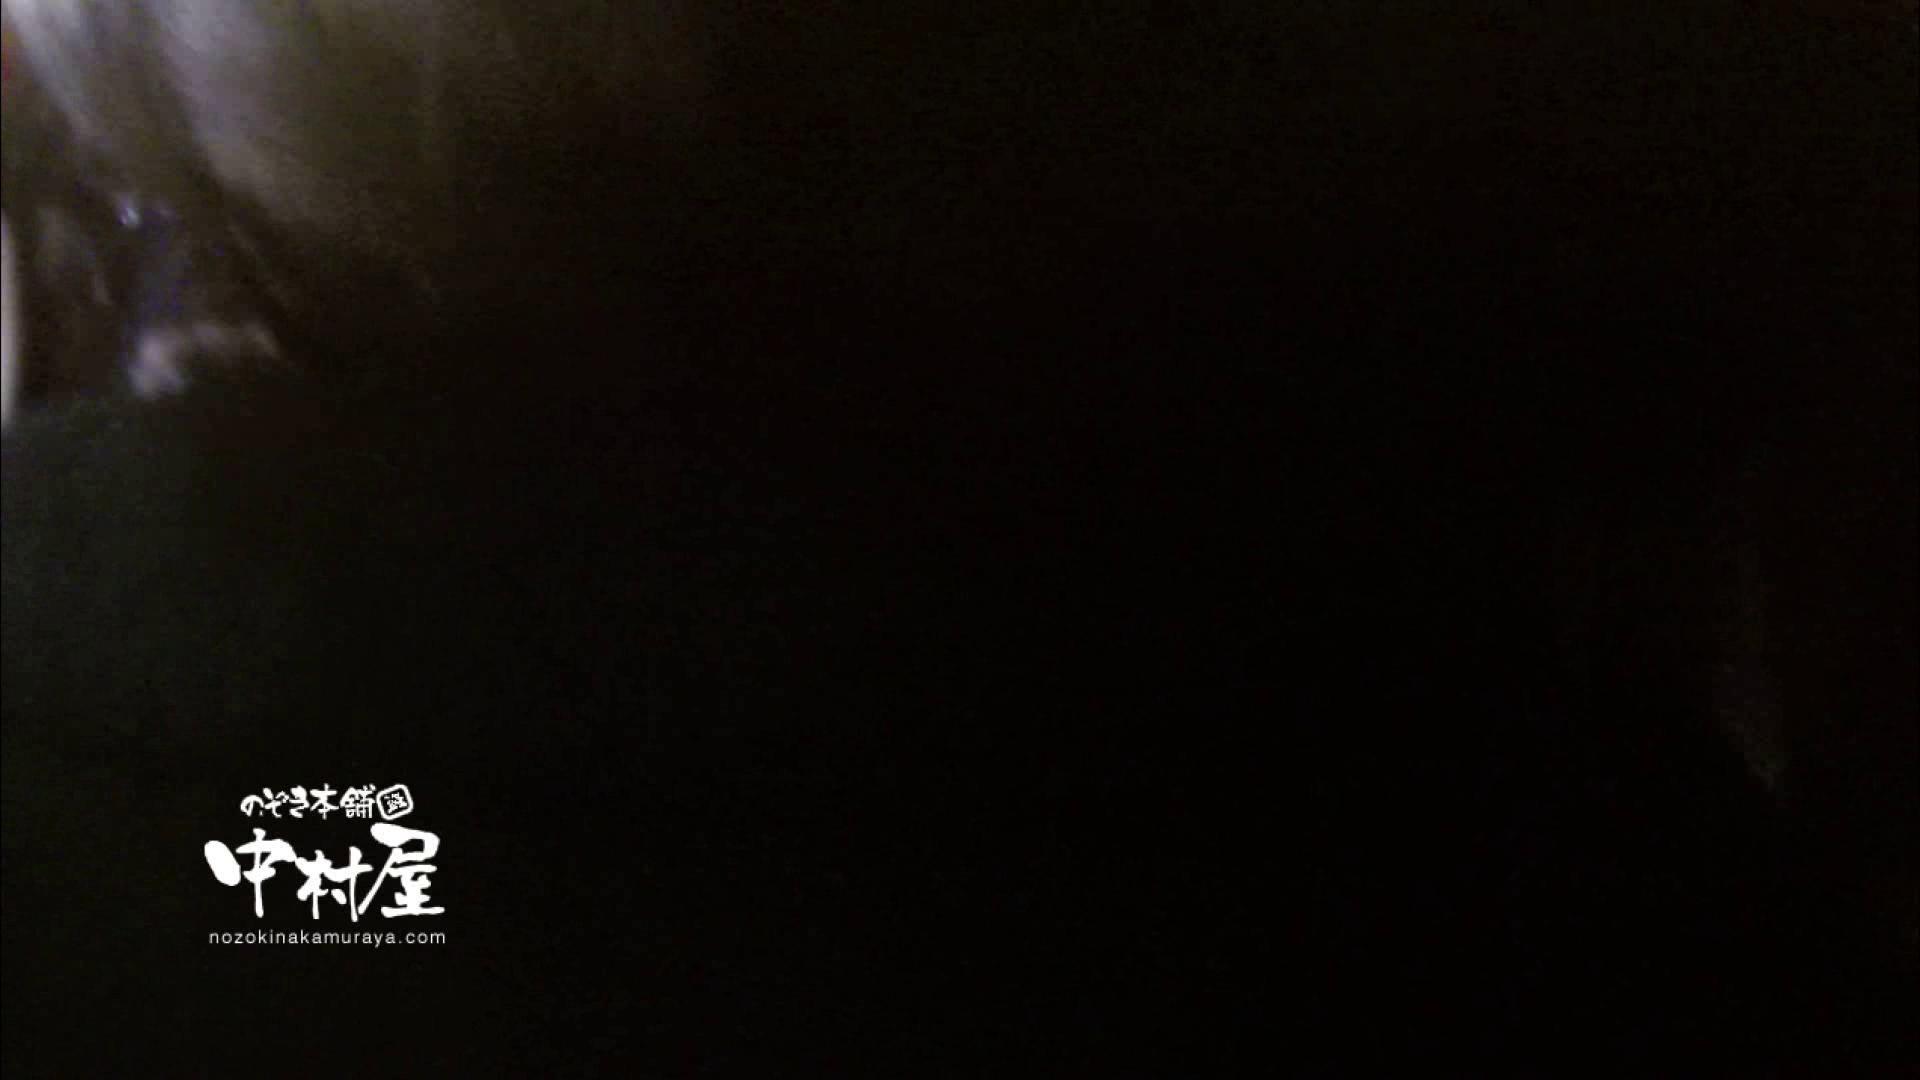 鬼畜 vol.11 下の口は正直なオンナ 後編 鬼畜  112PIX 84